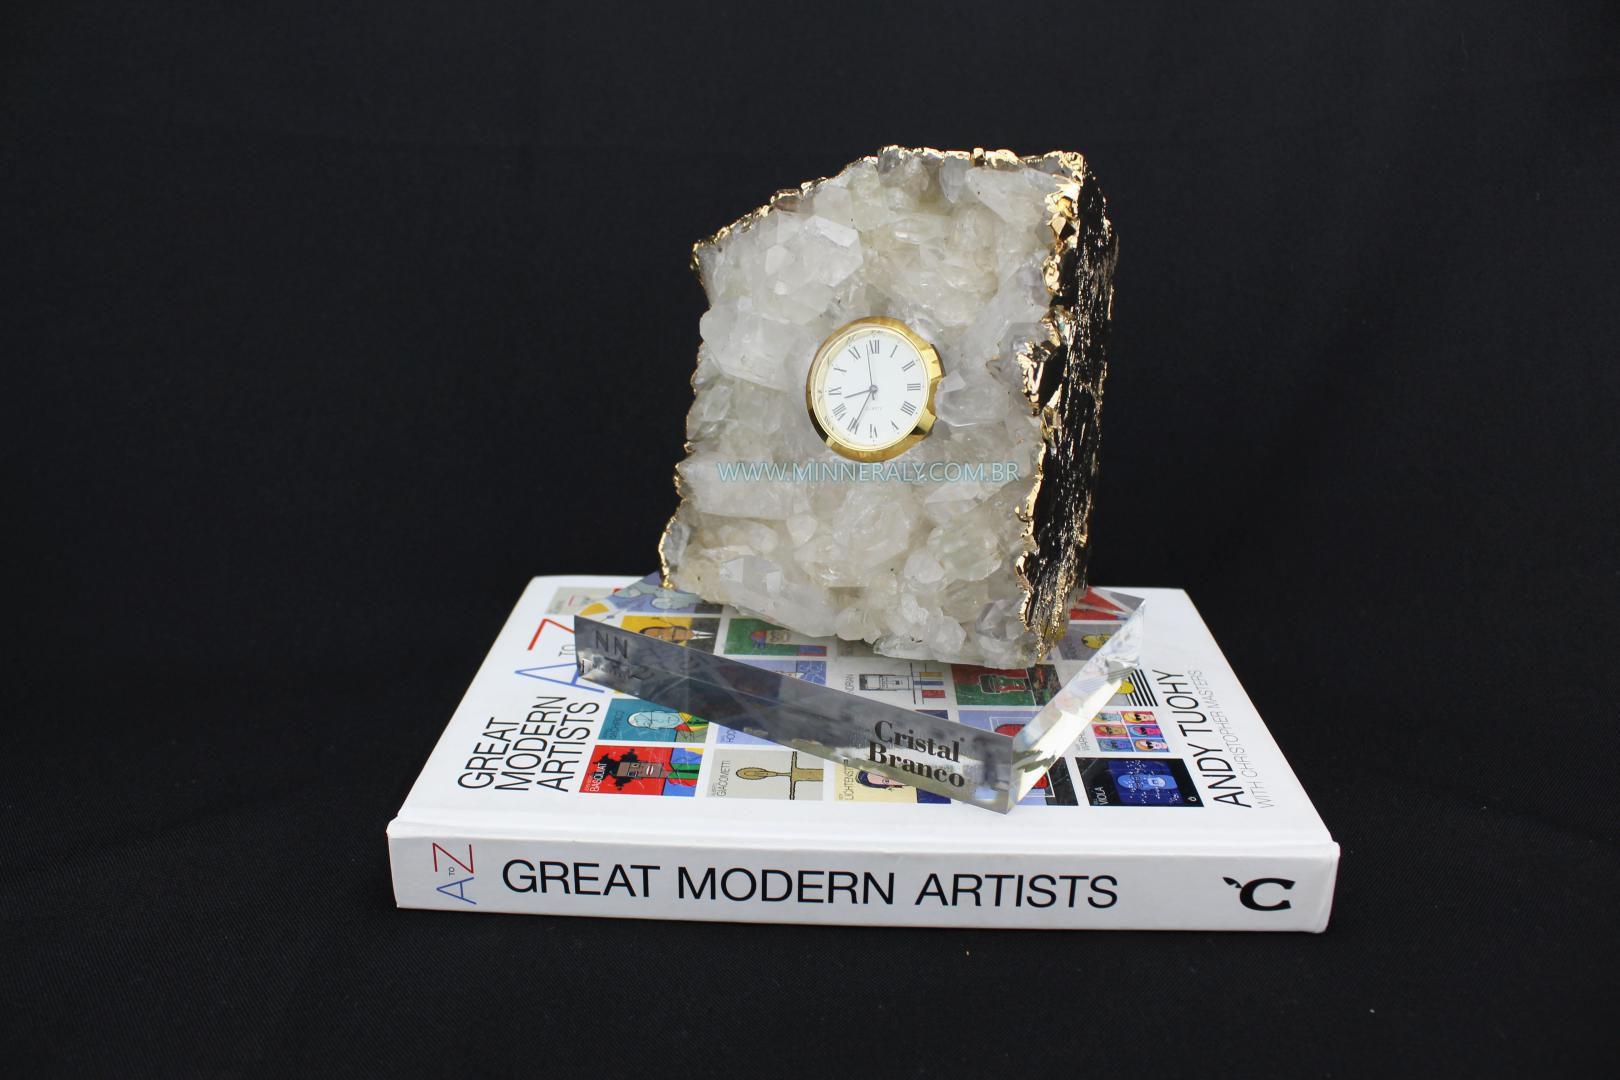 Relógio em Drusa de Cristal in Natura #NN106